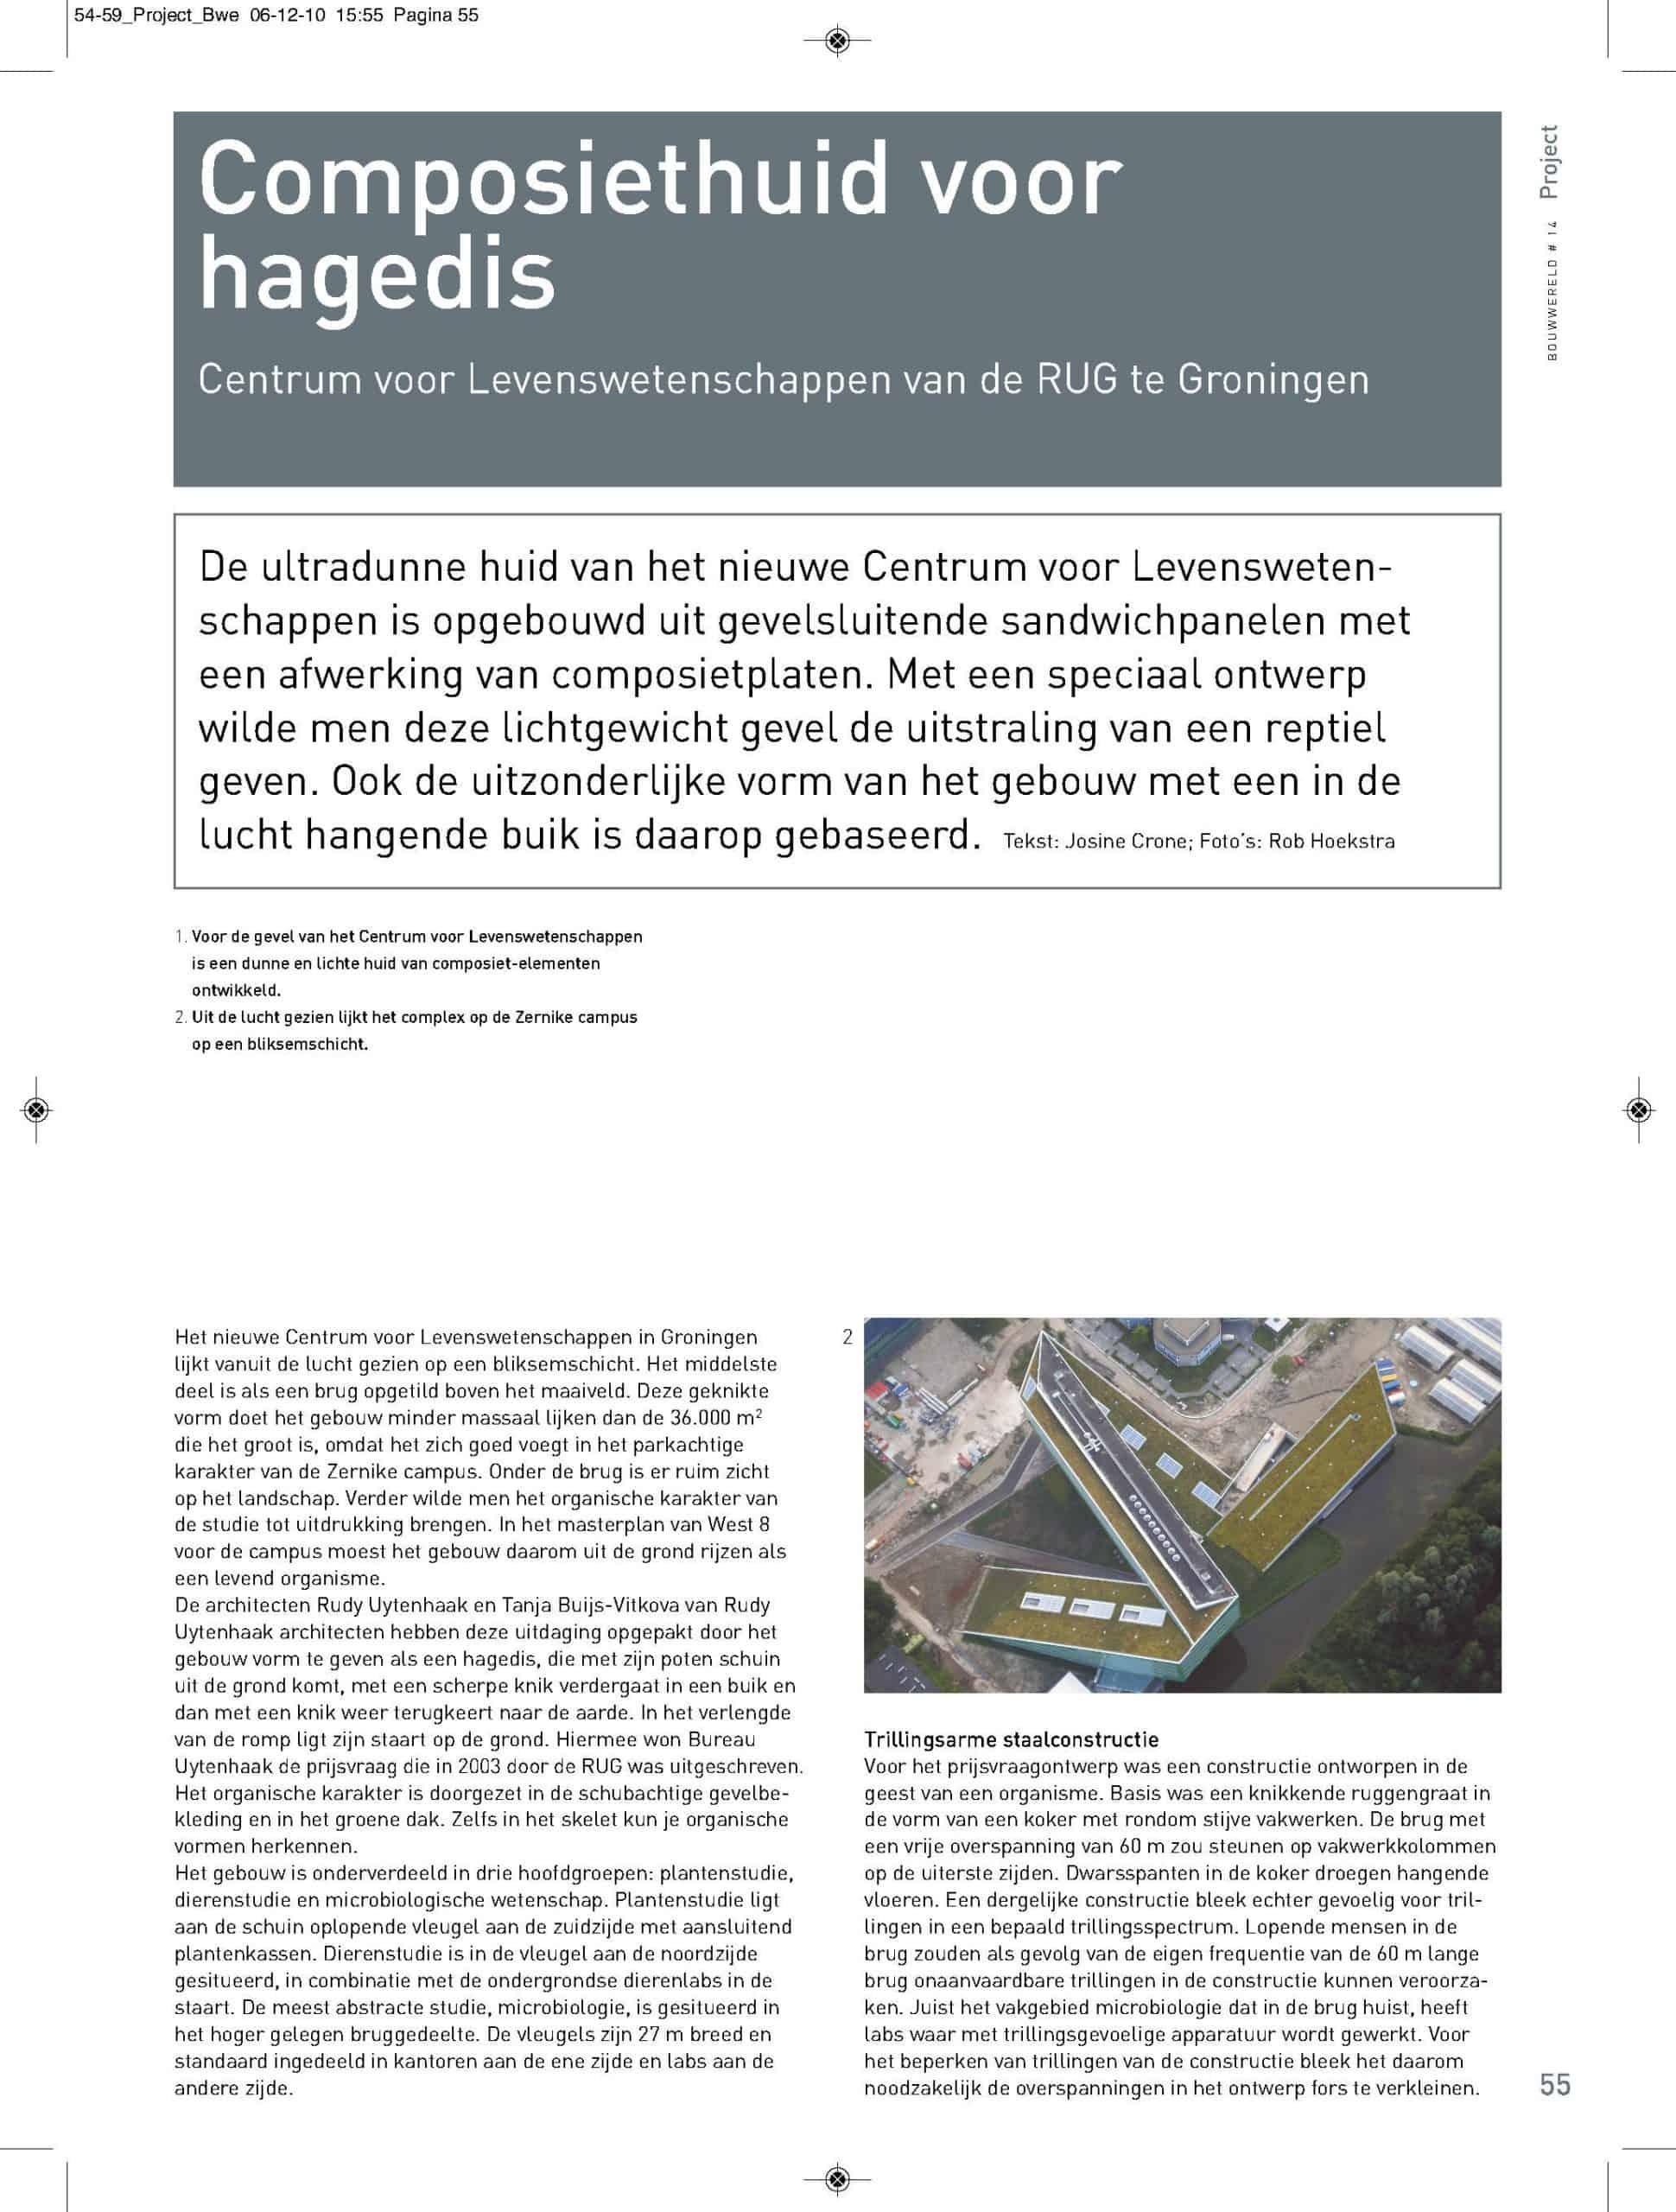 Bouwwereld_2011-04_Composiethuid-voor-hagedis_2-3-scaled